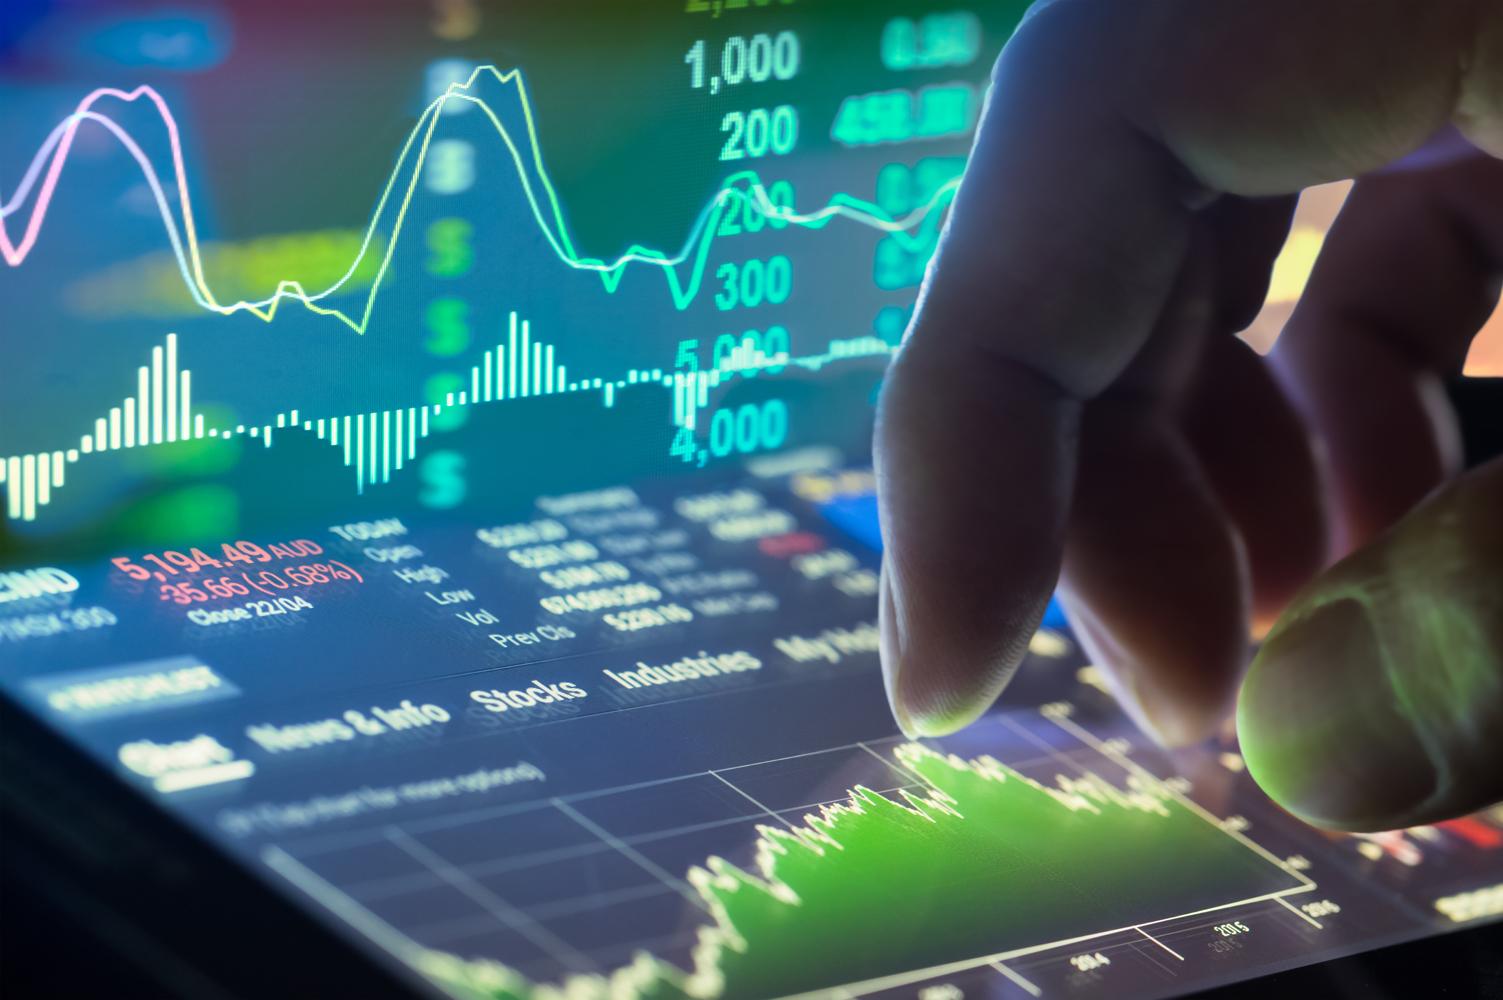 tranzacționarea pe știri economice cu opțiuni binare